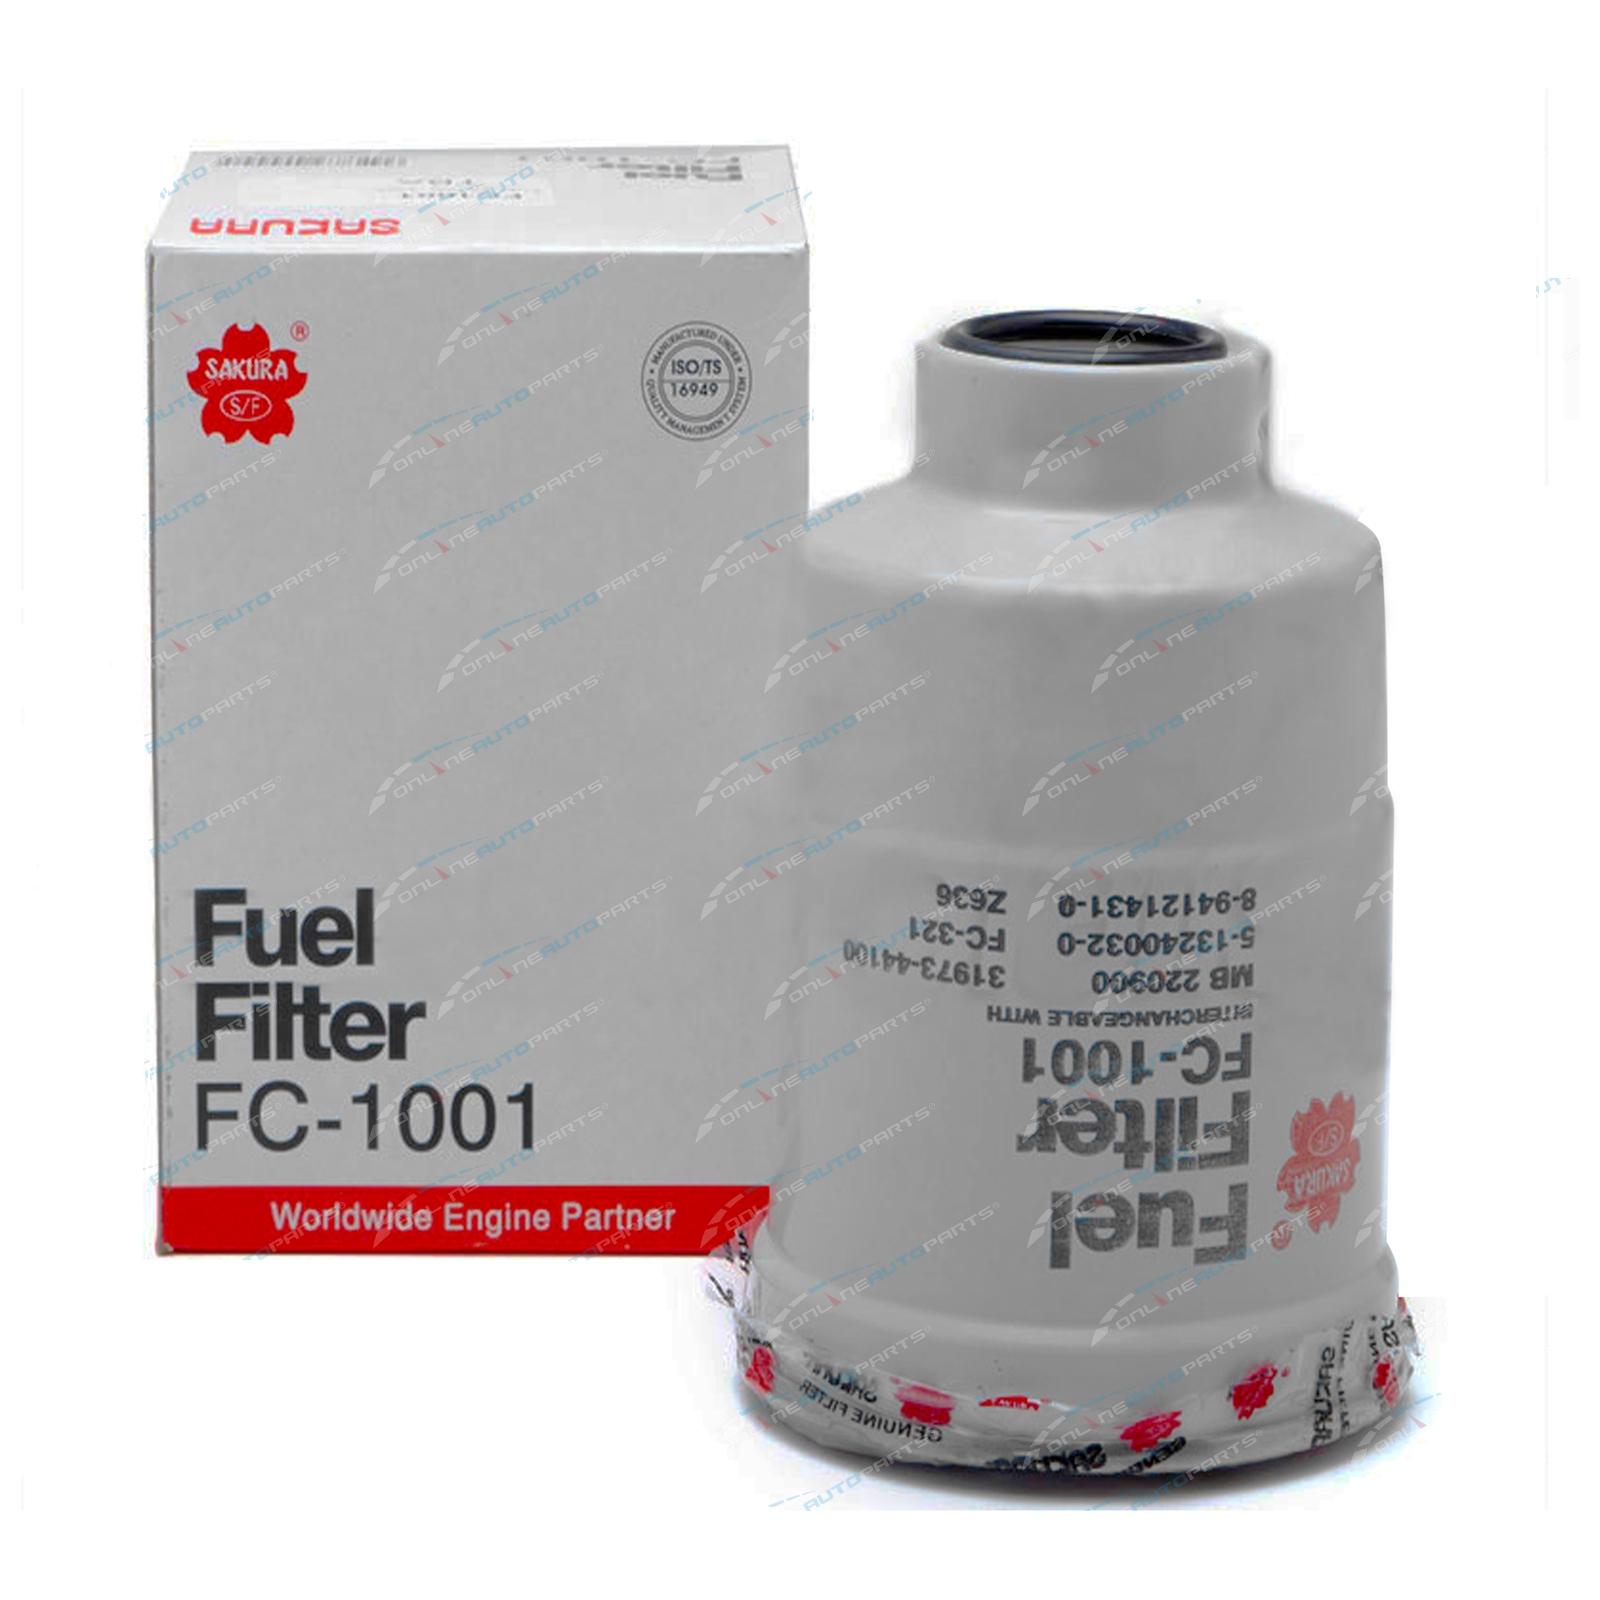 Diesel Fuel Filter Fuel Filter Sakura